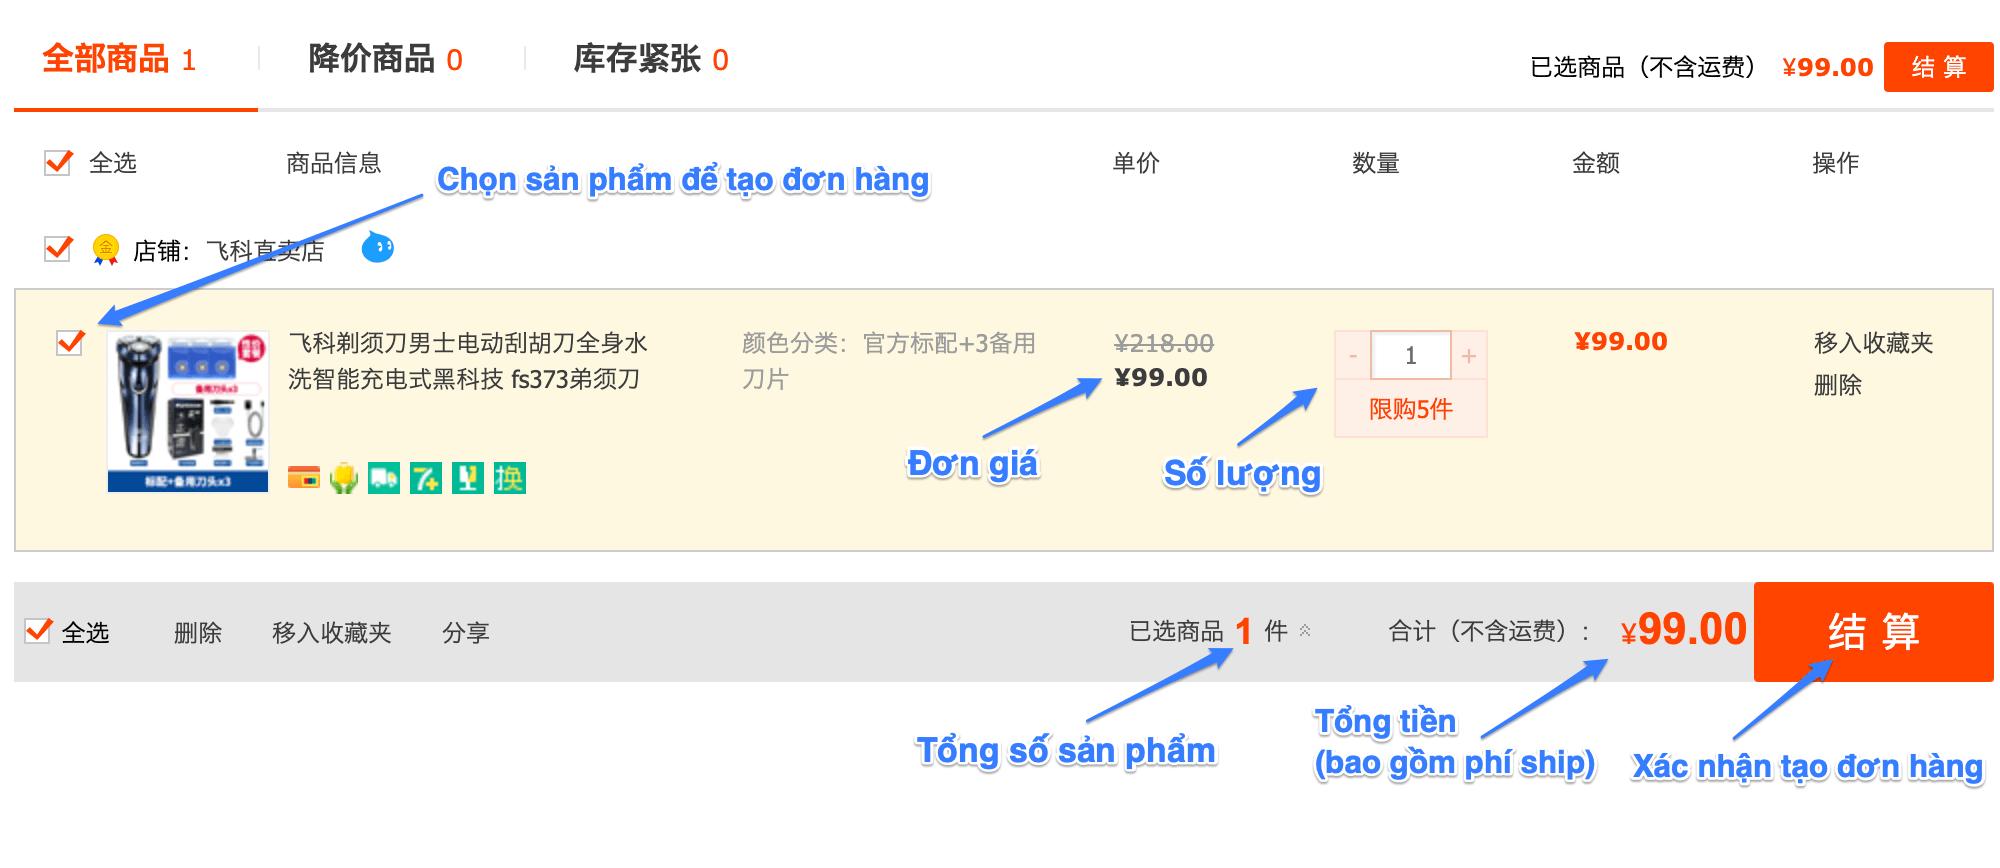 Quản lý giỏ hàng trên Taobao